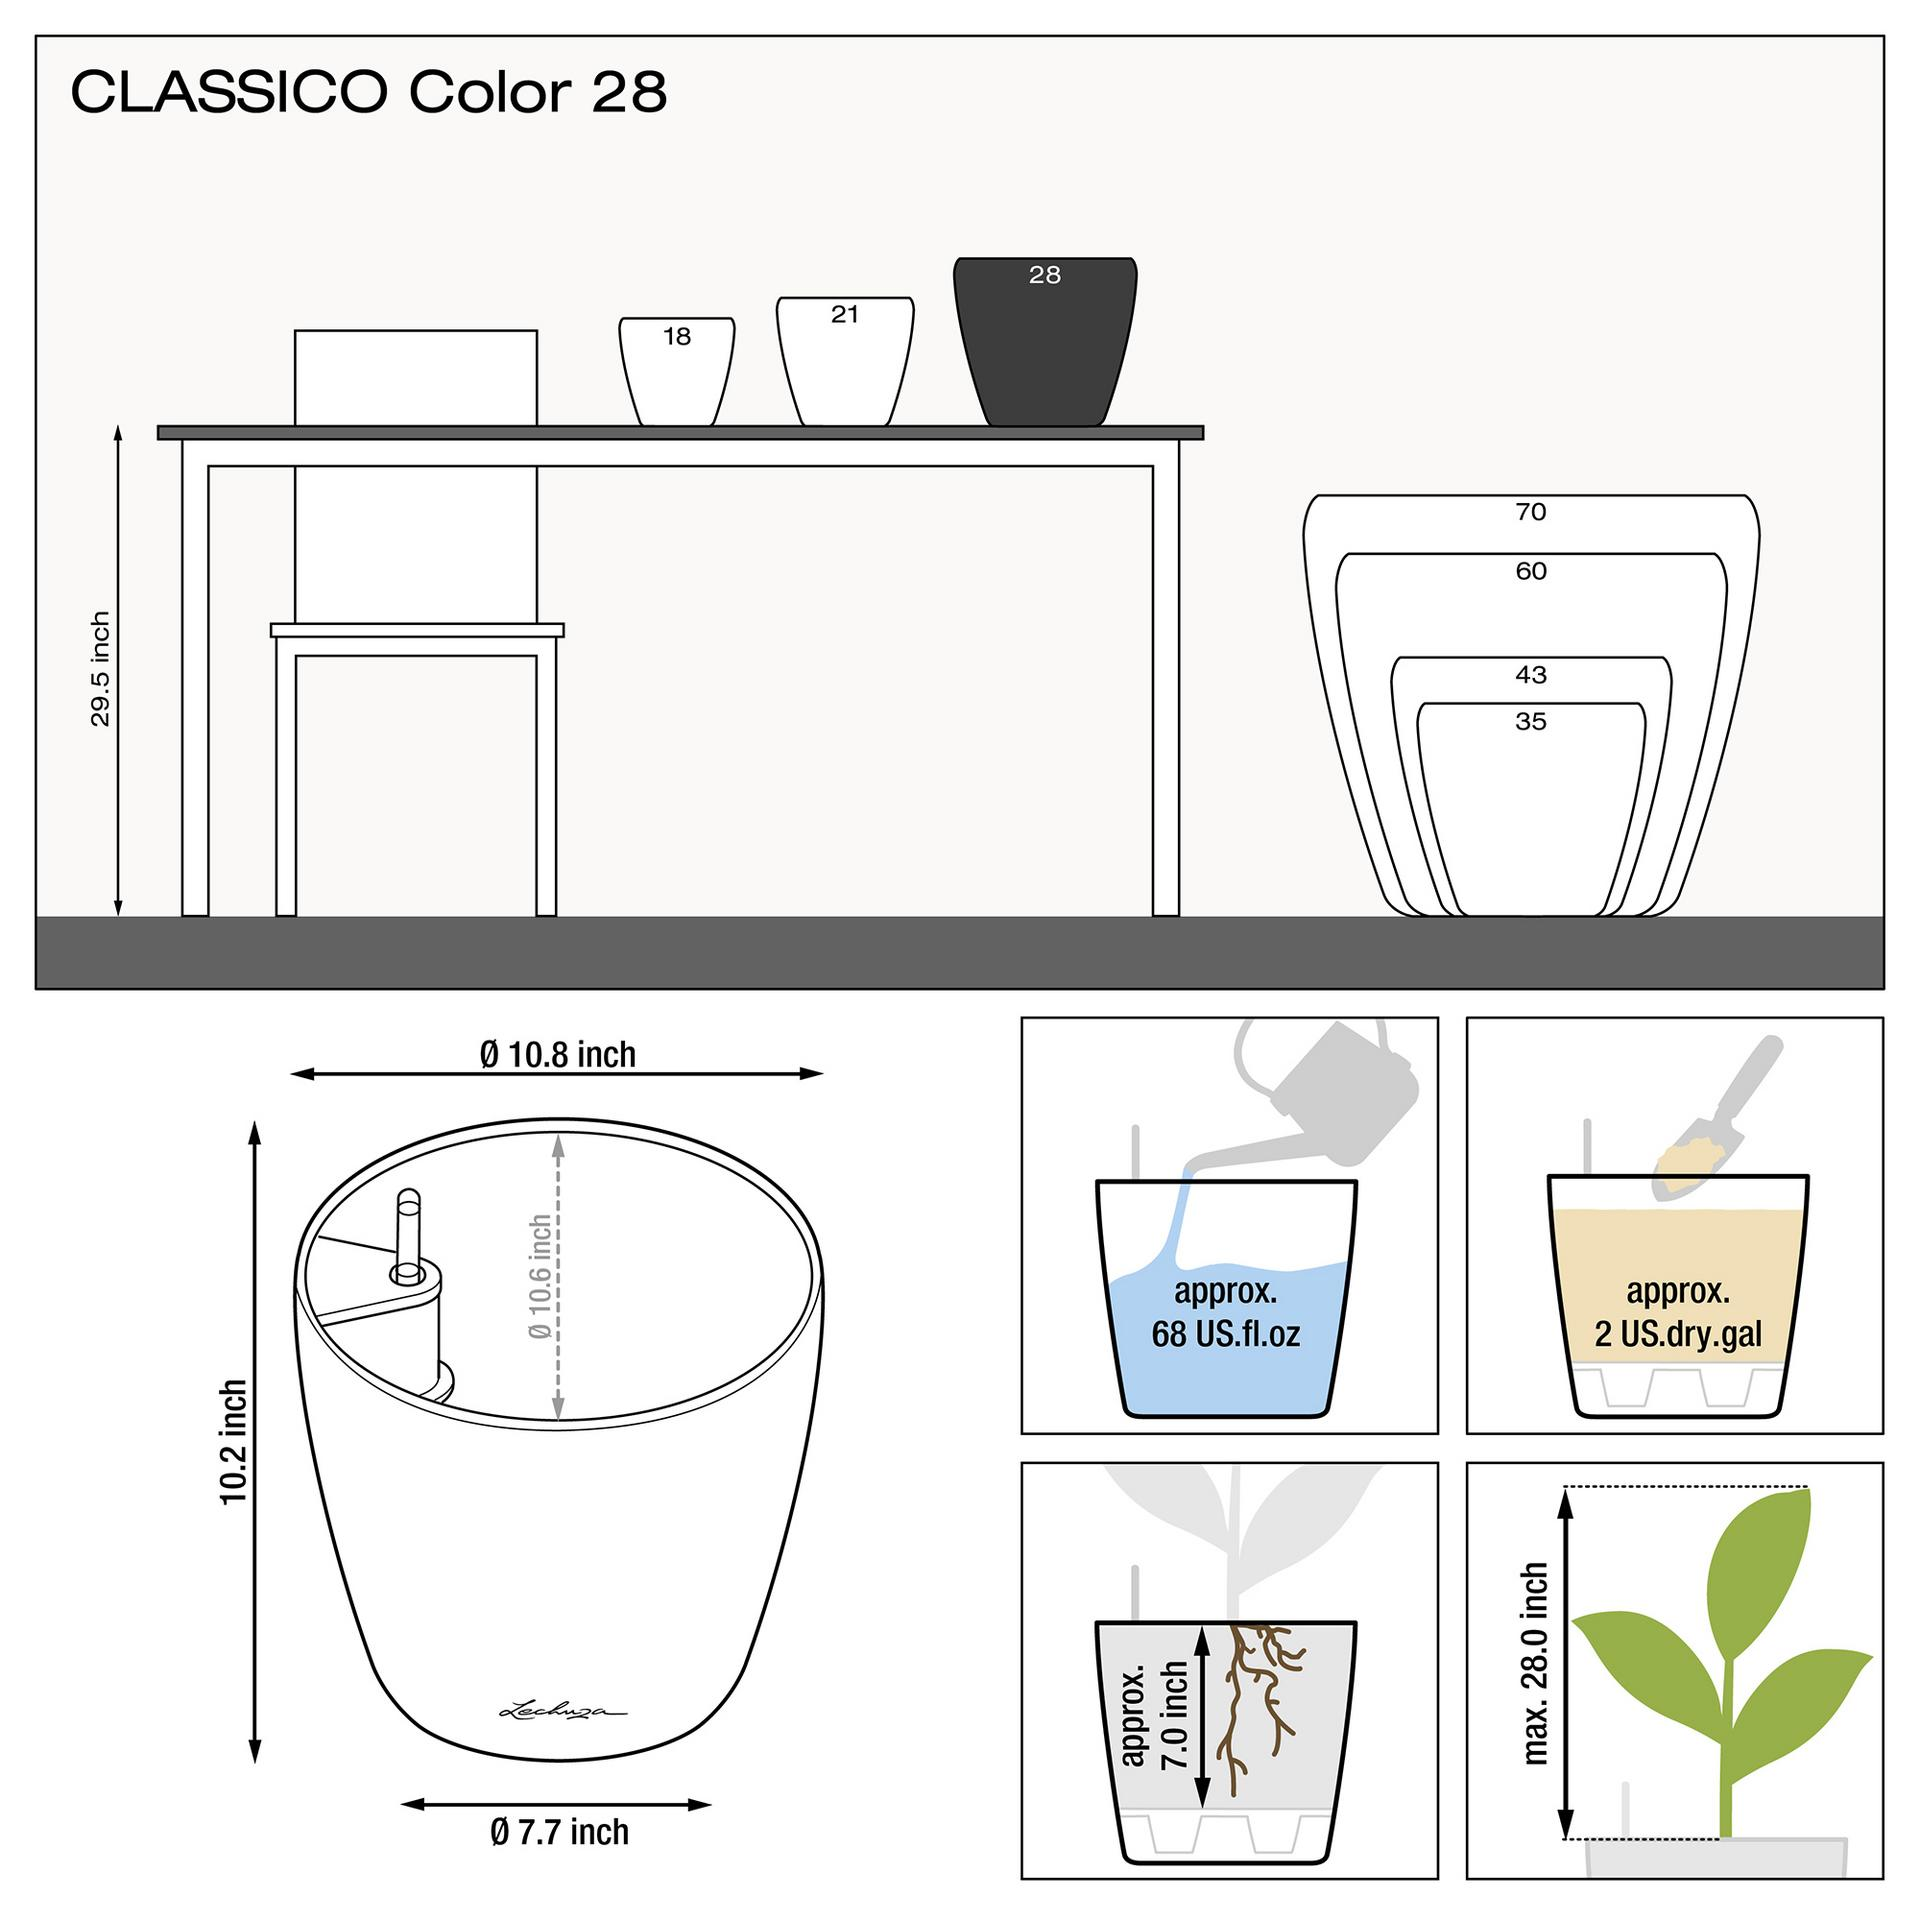 le_classico-color28_product_addi_nz_us